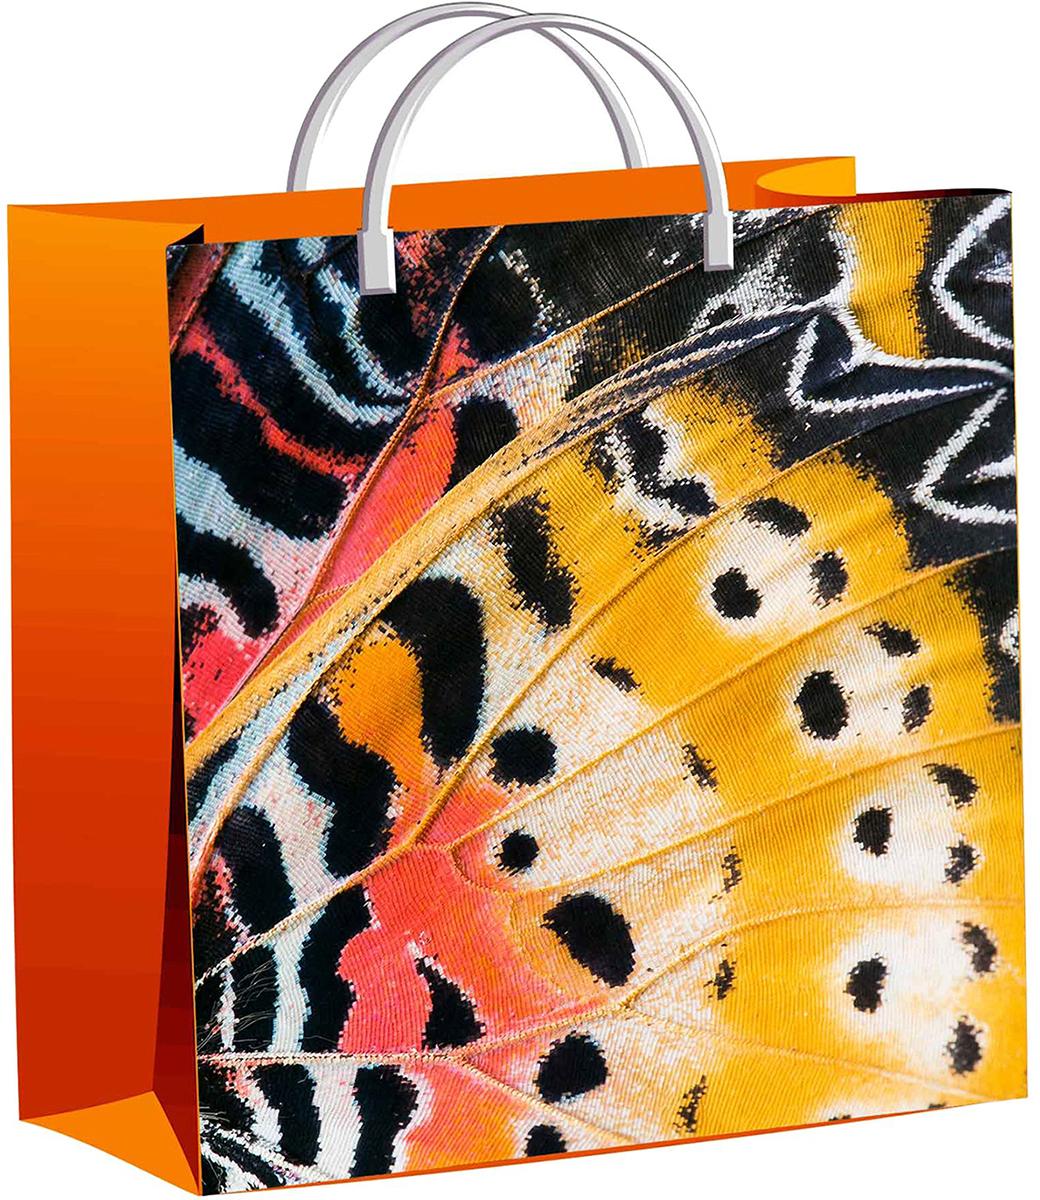 Пакет подарочный ТикоПластик Крыло бабочки, цвет: оранжевый, 30 х 30 см. 2327383 пакет подарочный тикопластик русский сад цвет мультиколор 30 х 30 см 2250551